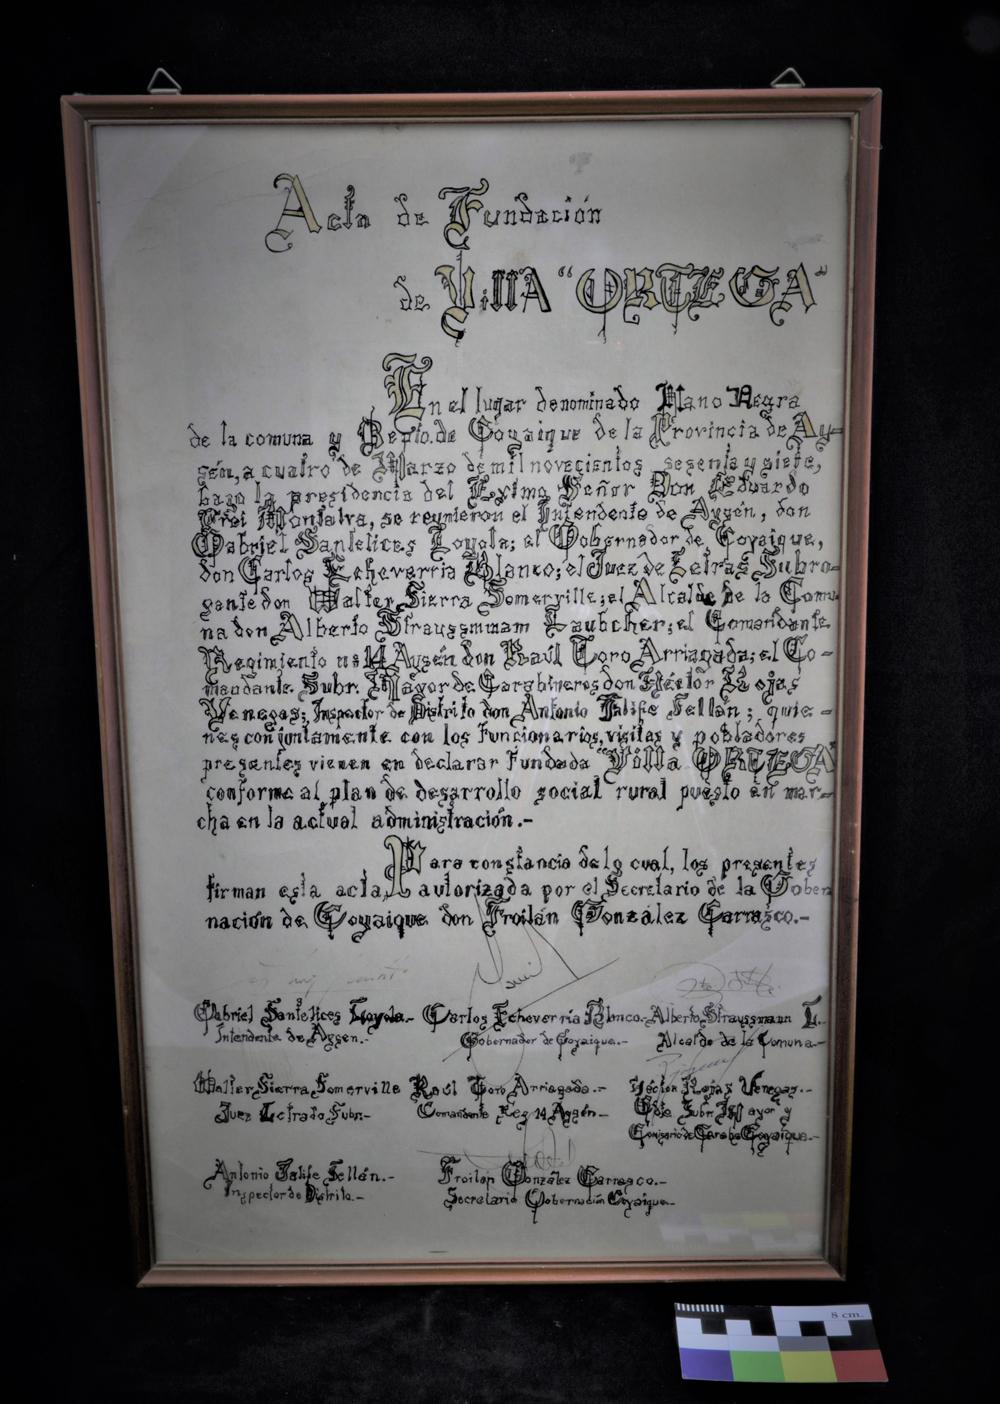 Acta de fundación de Villa Ortega